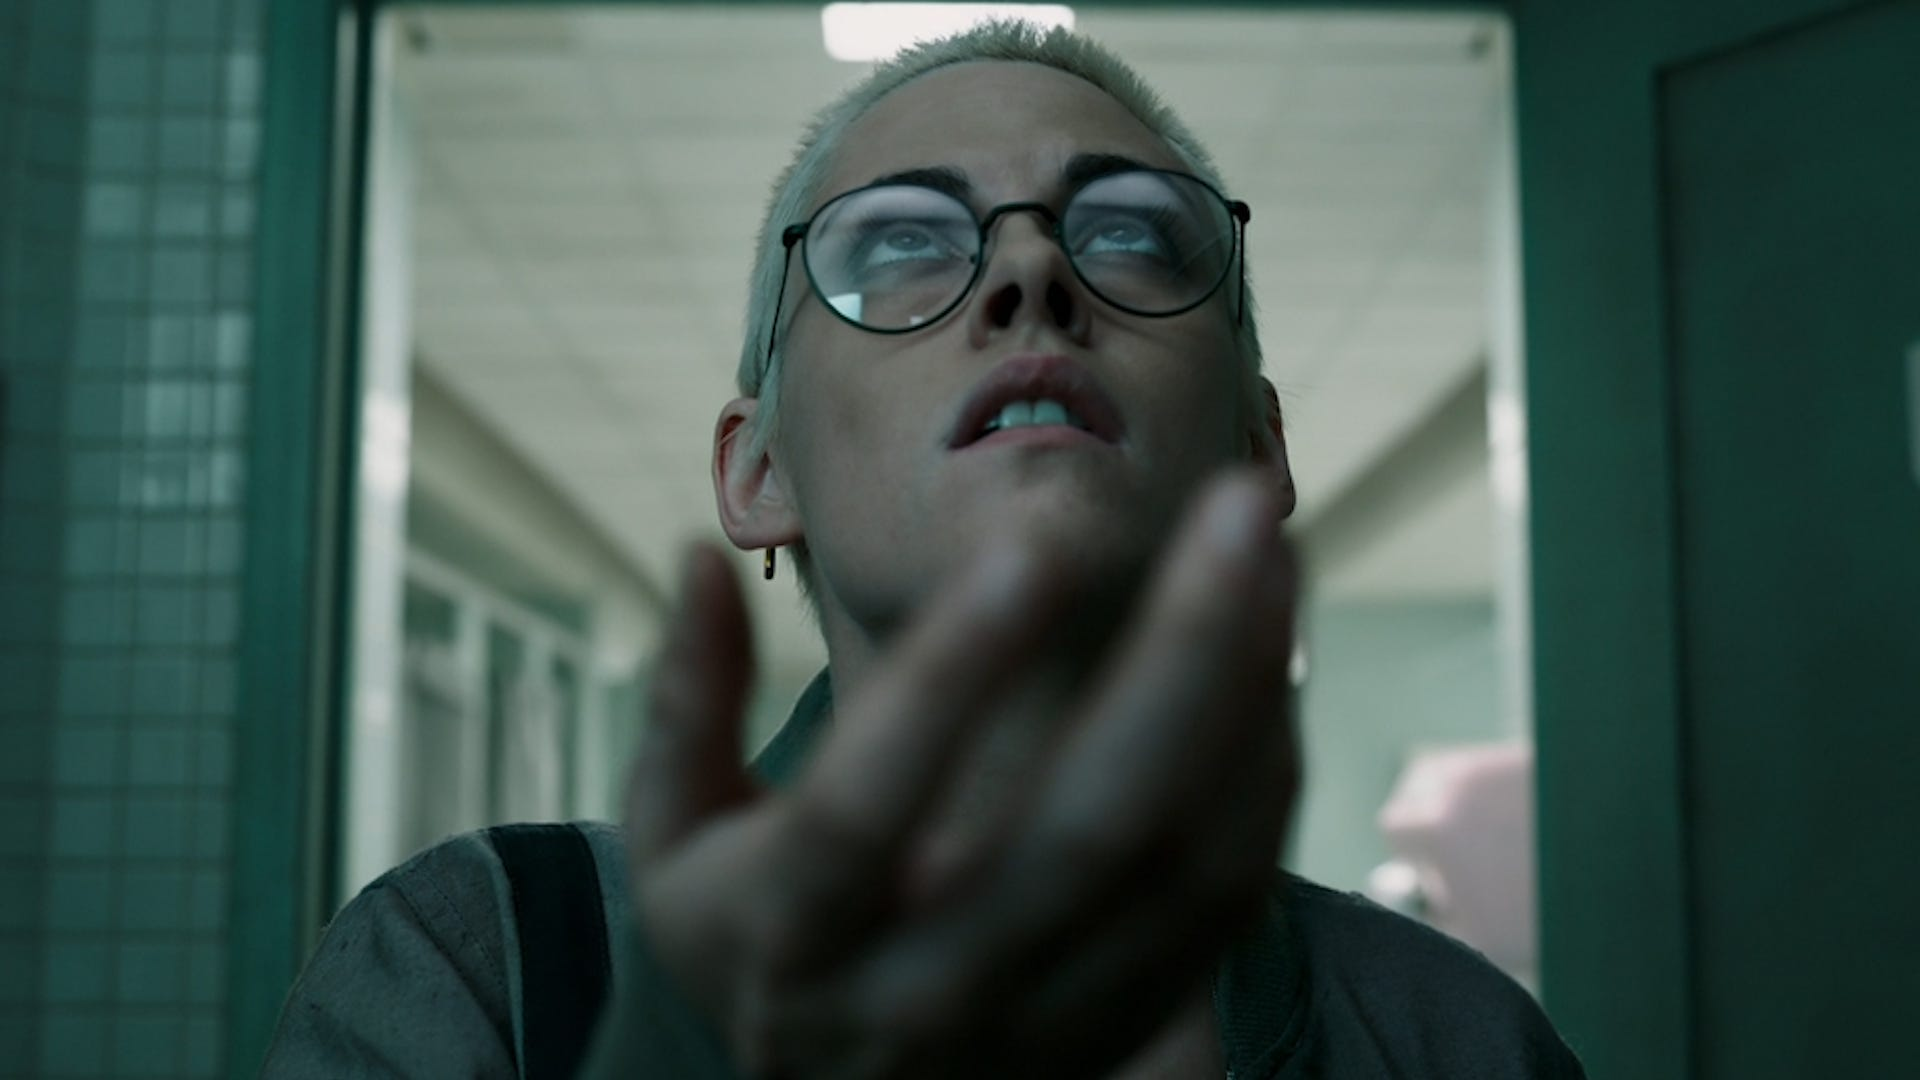 Kristen Stewart S 10 Best Films Ranked Including Underwater